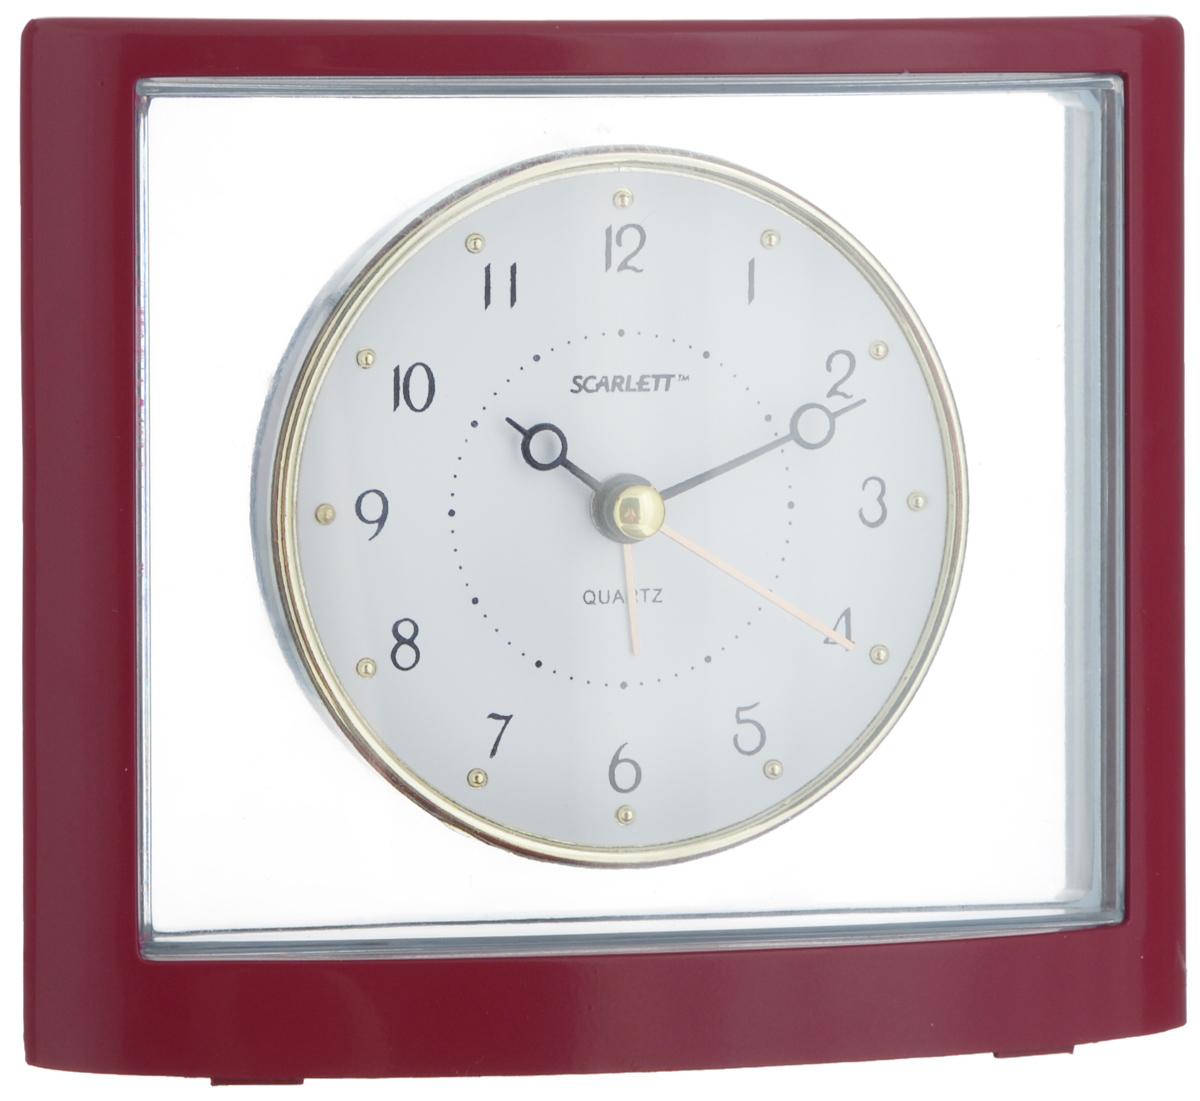 Часы-будильник Scarlett, цвет: бургунди, прозрачный, серыйVT-6602(W)Как же сложно иногда вставать вовремя! Всегда так хочется поспать еще хотя бы 5 минут и бывает, что мы просыпаем. Теперь этого не случится! Яркий, оригинальный будильник Scarlett поможет вам всегда вставать в нужное время и успевать везде и всюду.Корпус будильника выполнен из пластика. Циферблат оформлен в классическом стиле. Часы снабжены 4 стрелками (секундная, минутная, часовая и для будильника). На задней панели будильника расположен переключатель включения/выключения механизма, а также два колесика для настройки текущего времени и времени звонка будильника.Пользоваться будильником очень легко: нужно всего лишь поставить батарейку, настроить точное время и установить время звонка. Необходимо докупить 1 батарейку типа АА (не входит в комплект).